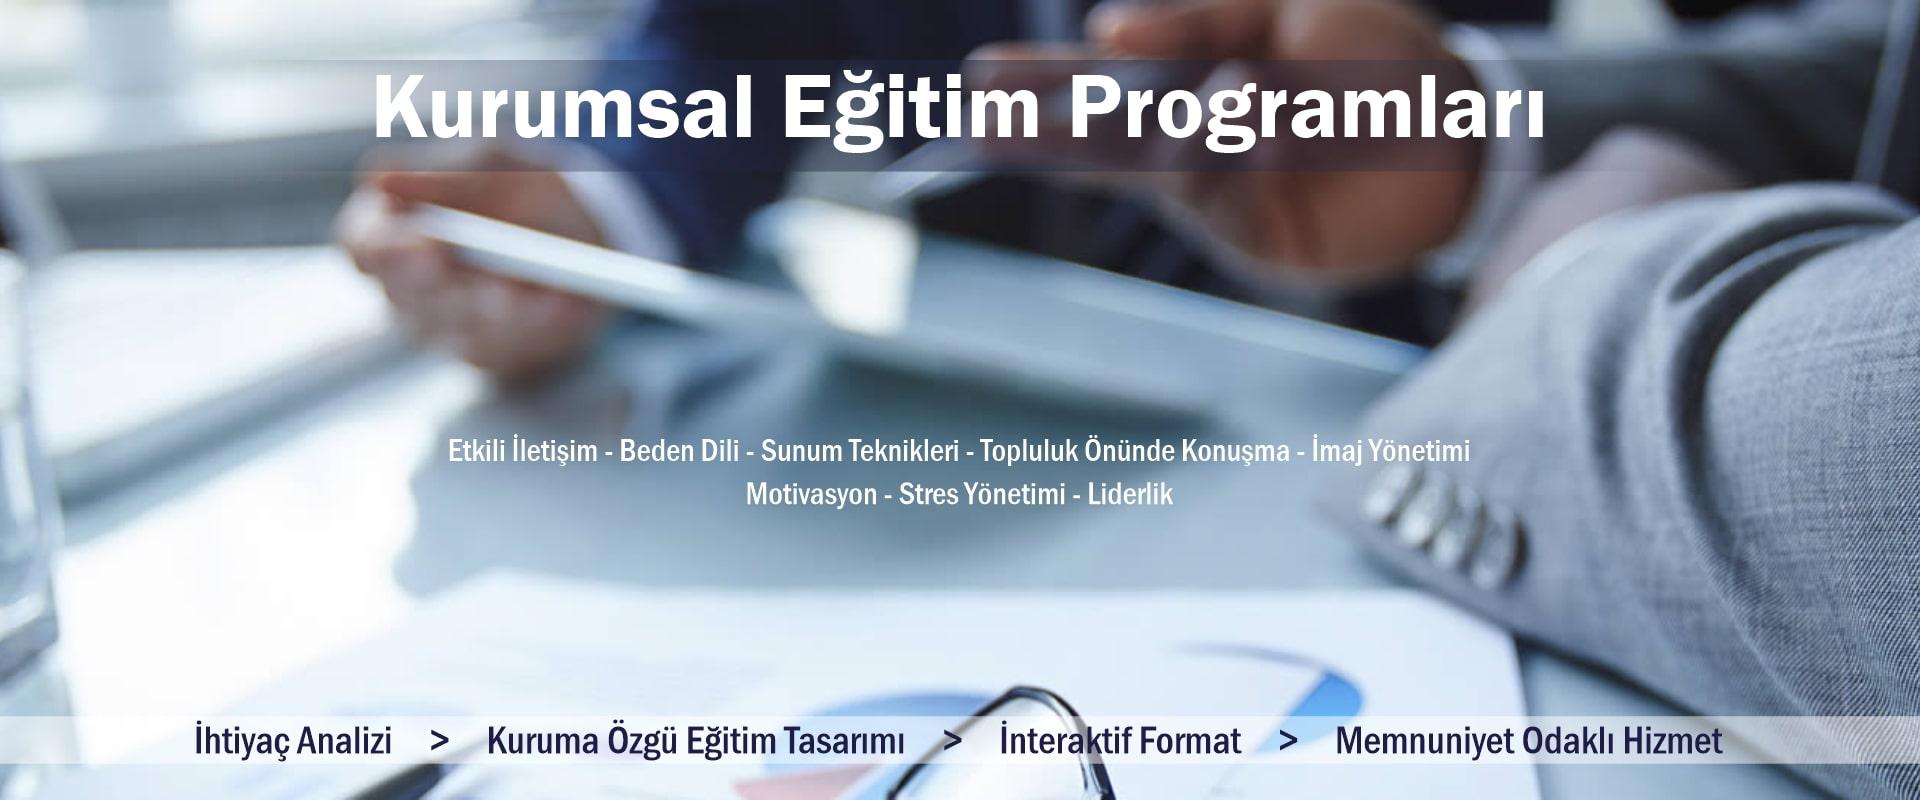 Kurumsal Eğitim Programları